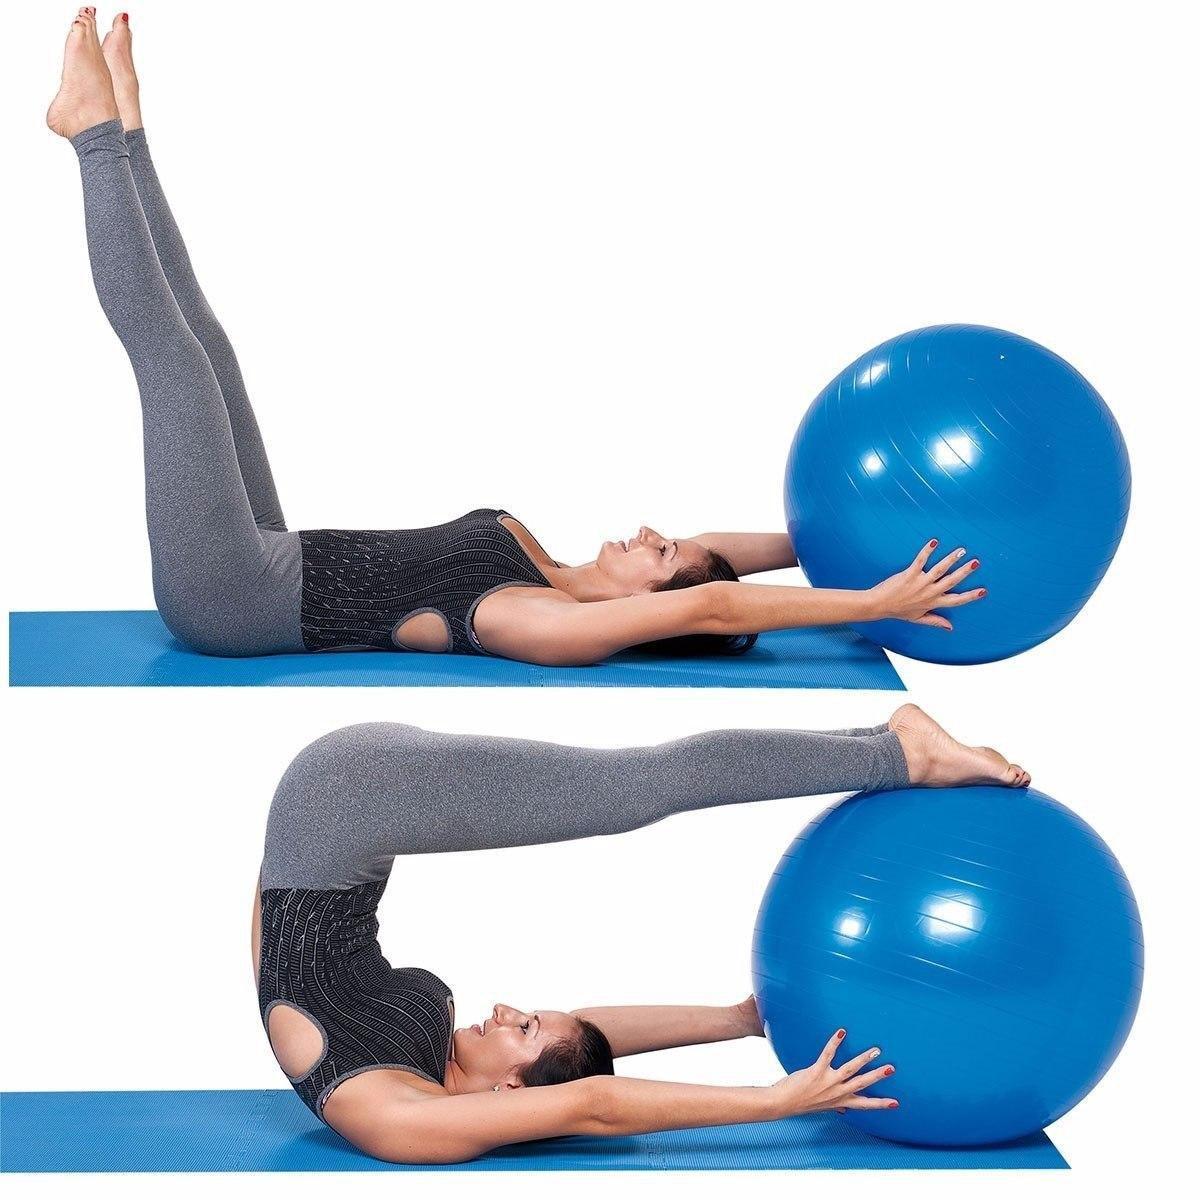 Bola Suiça Liveup Pilates Yoga Ginástica 65 cm e DVD - Kl master fitness R   79 d8990dfd3fdf